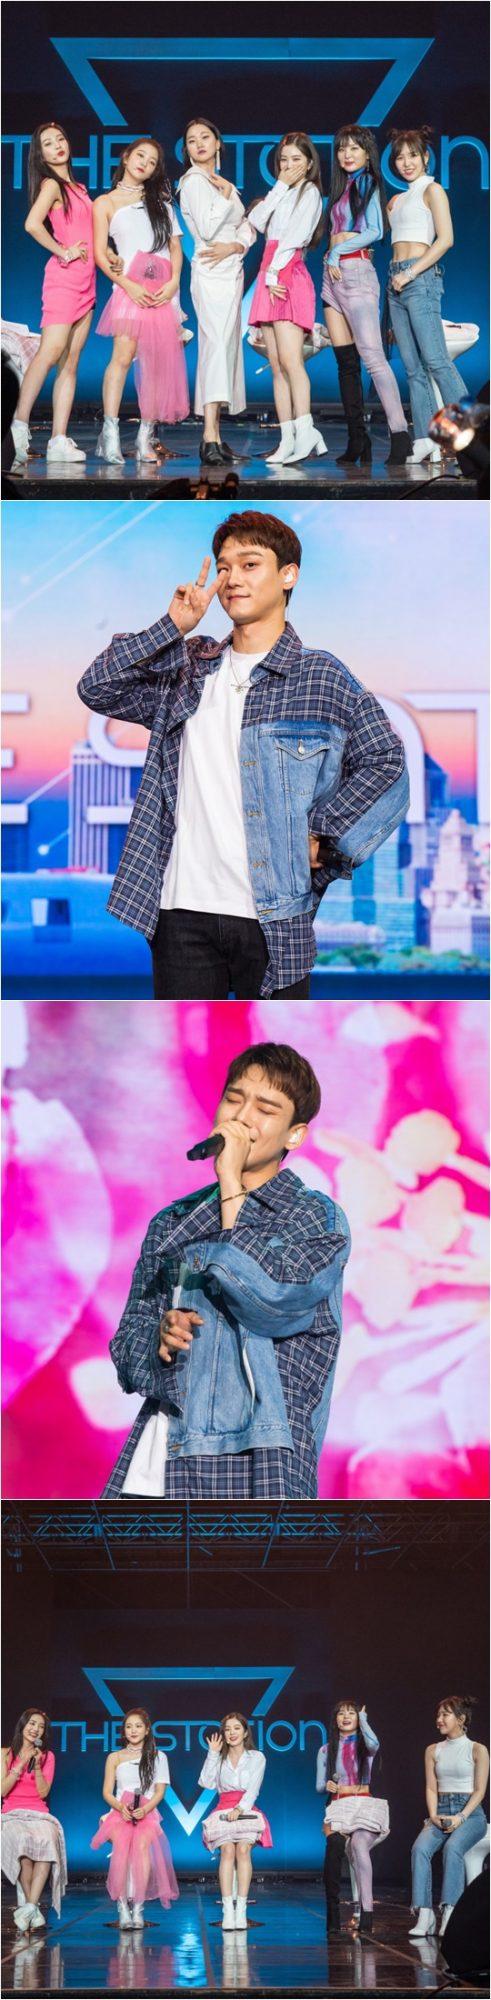 '더 스테이션' 콘서트./ 사진제공=드림메이커